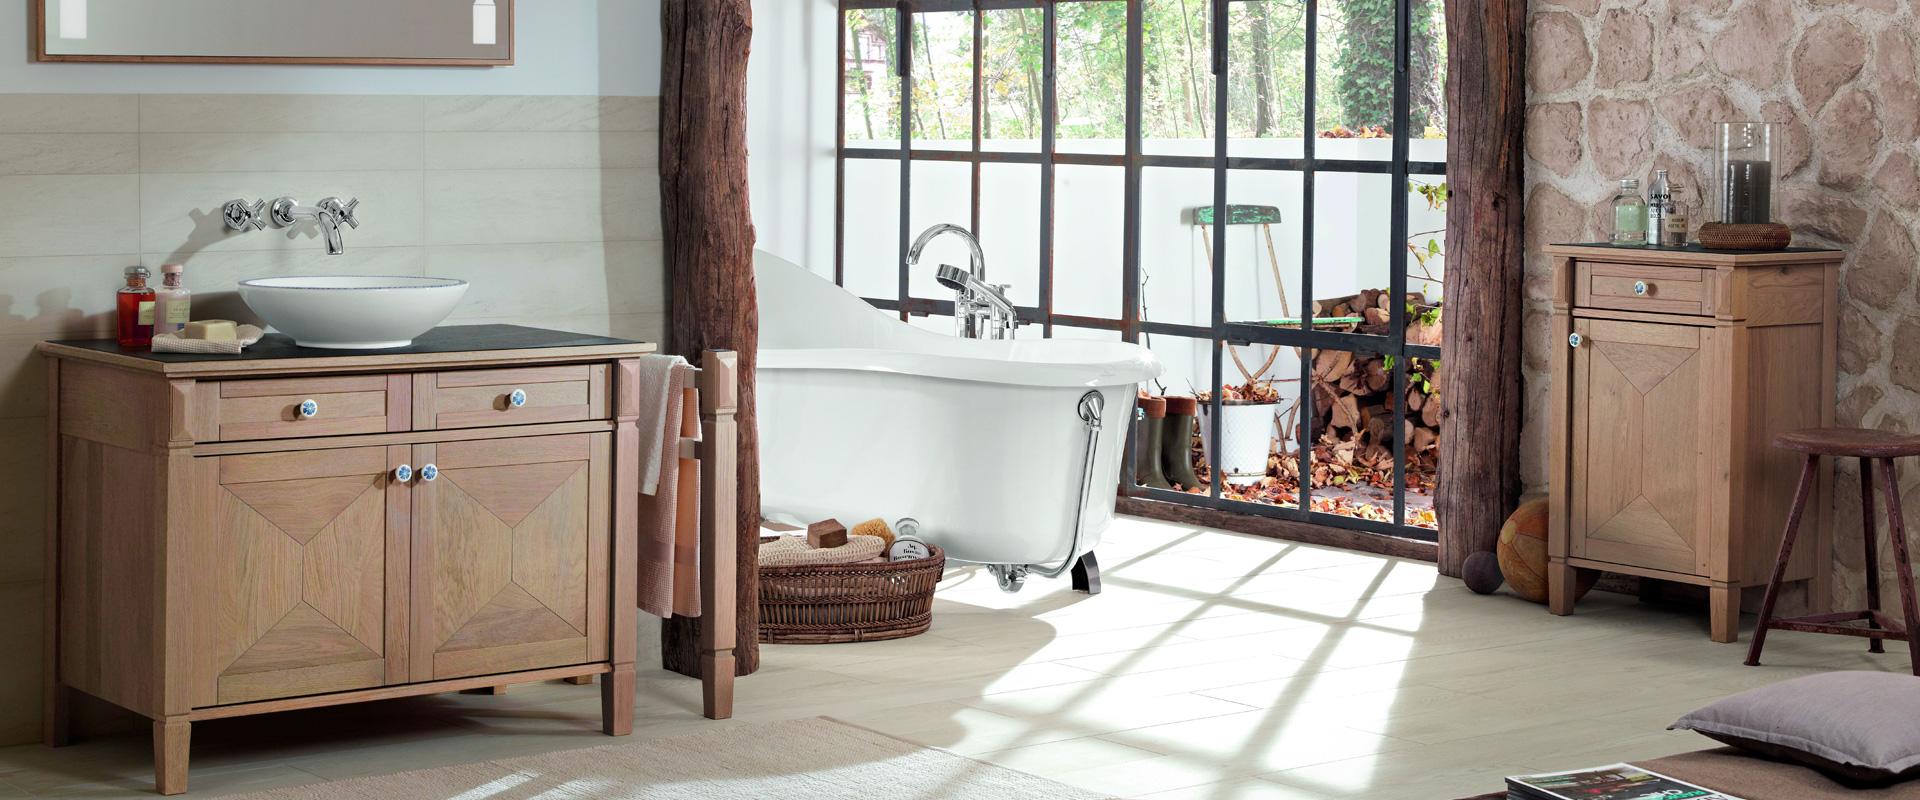 Meuble de salle de bains en bois – voici comment entretenir votre ...